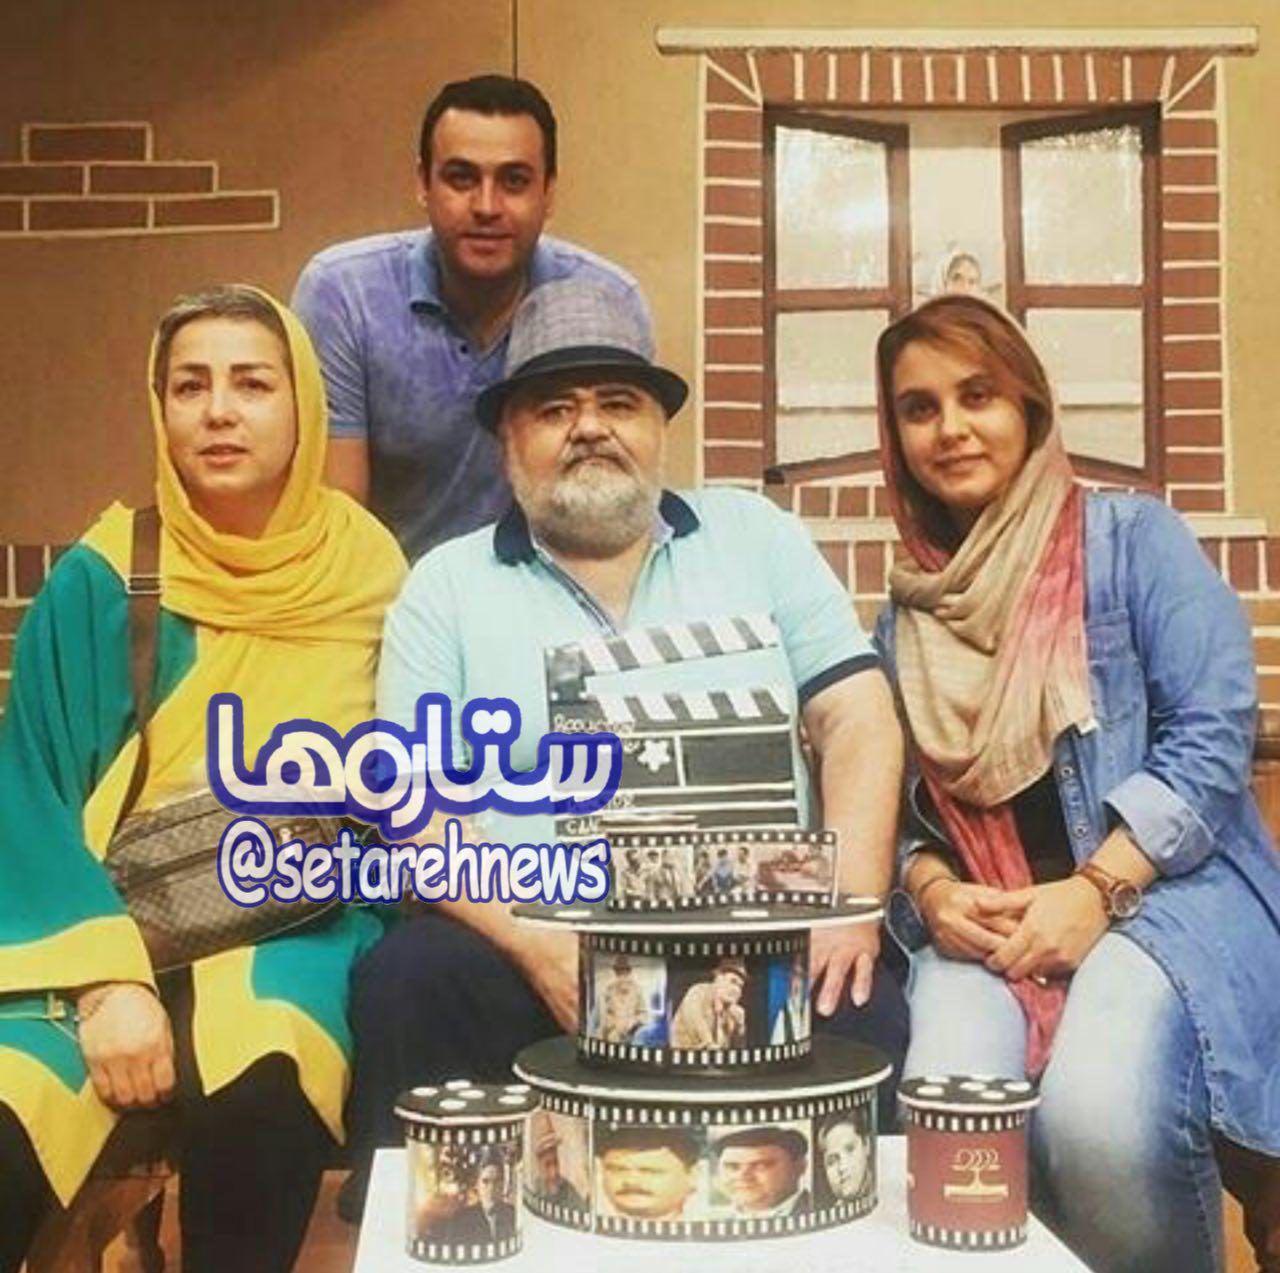 عکس/خانواده «اکبر عبدى» در یک قاب